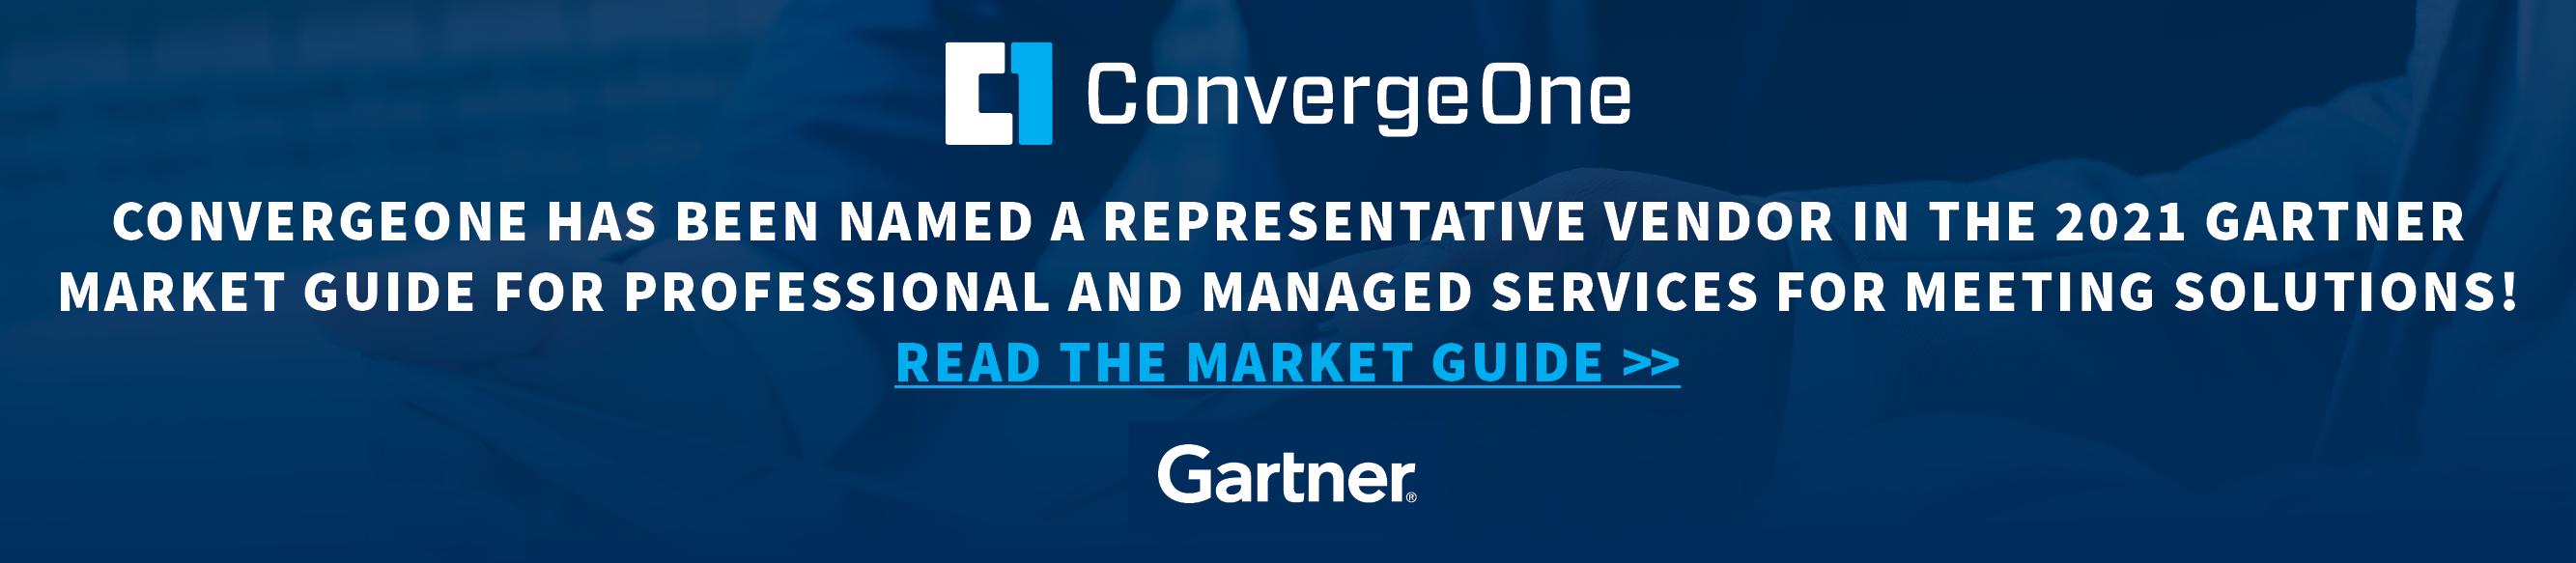 C1-Gartner-Market-Guide-MS-Website-Banner-r2